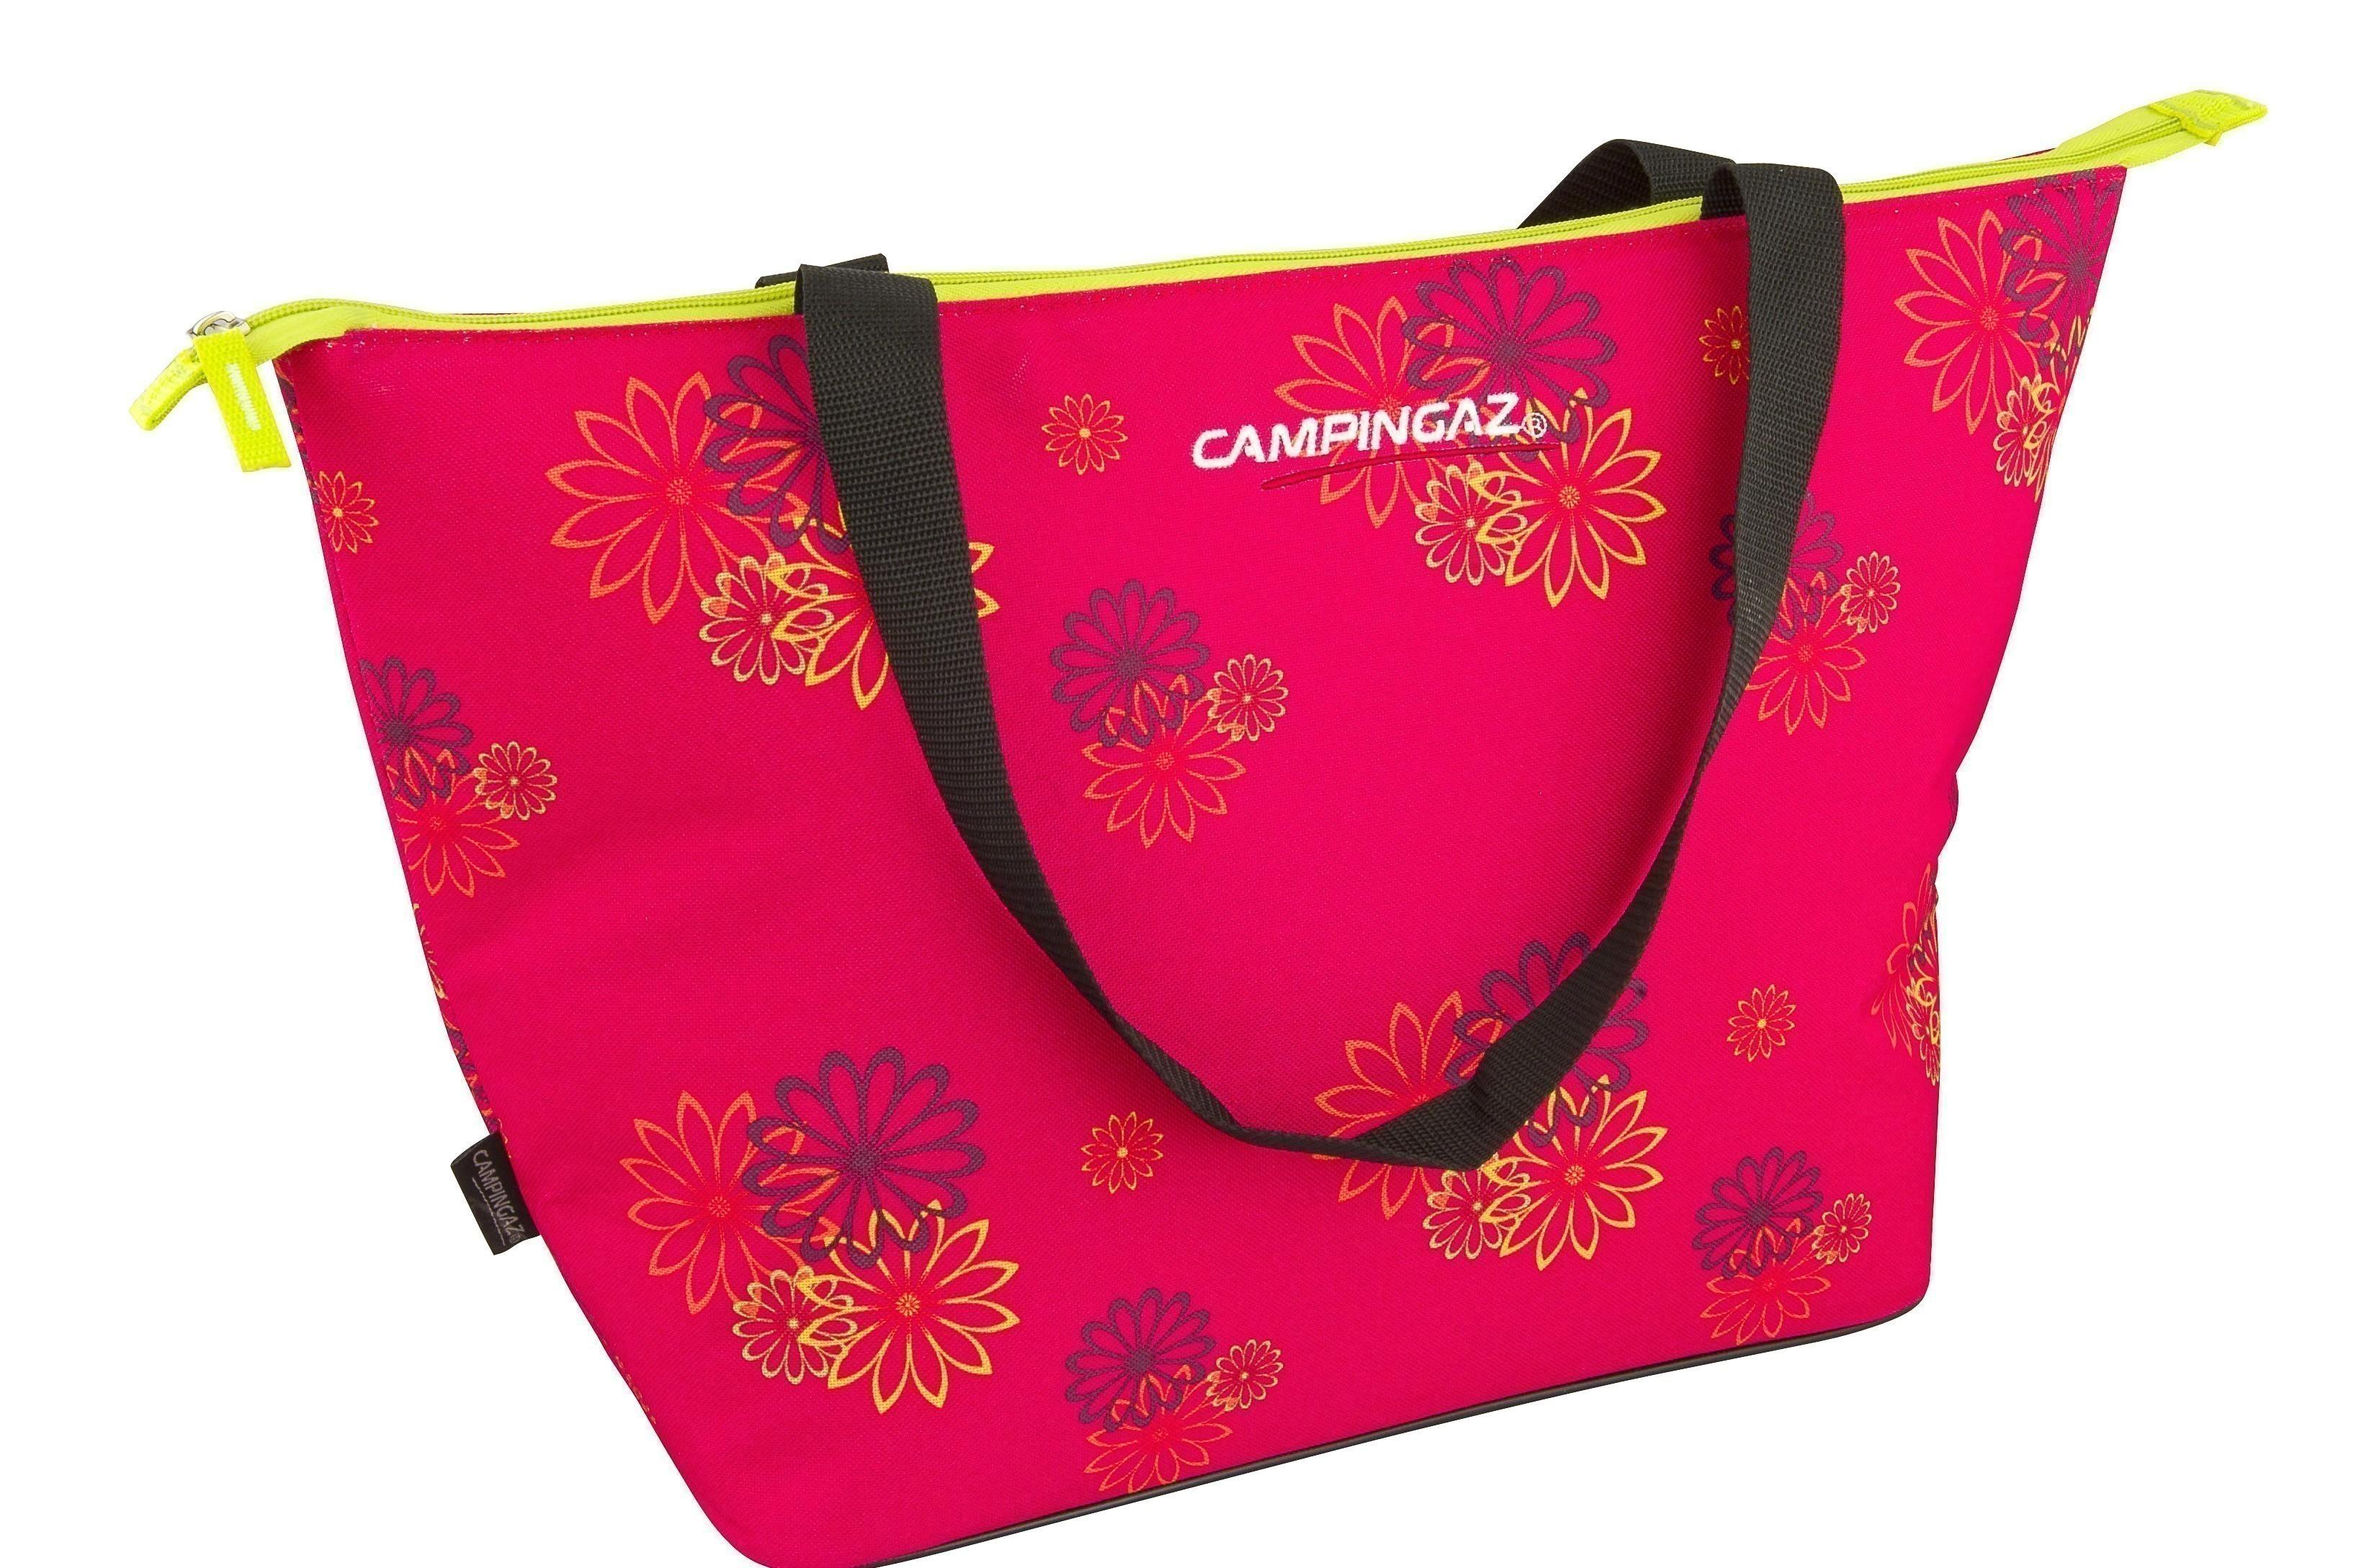 Zurbruggen Gartenmobel Prospekt : Campingaz Kühltasche Pink Daisy Shopping Cooler 15 Liter  bei